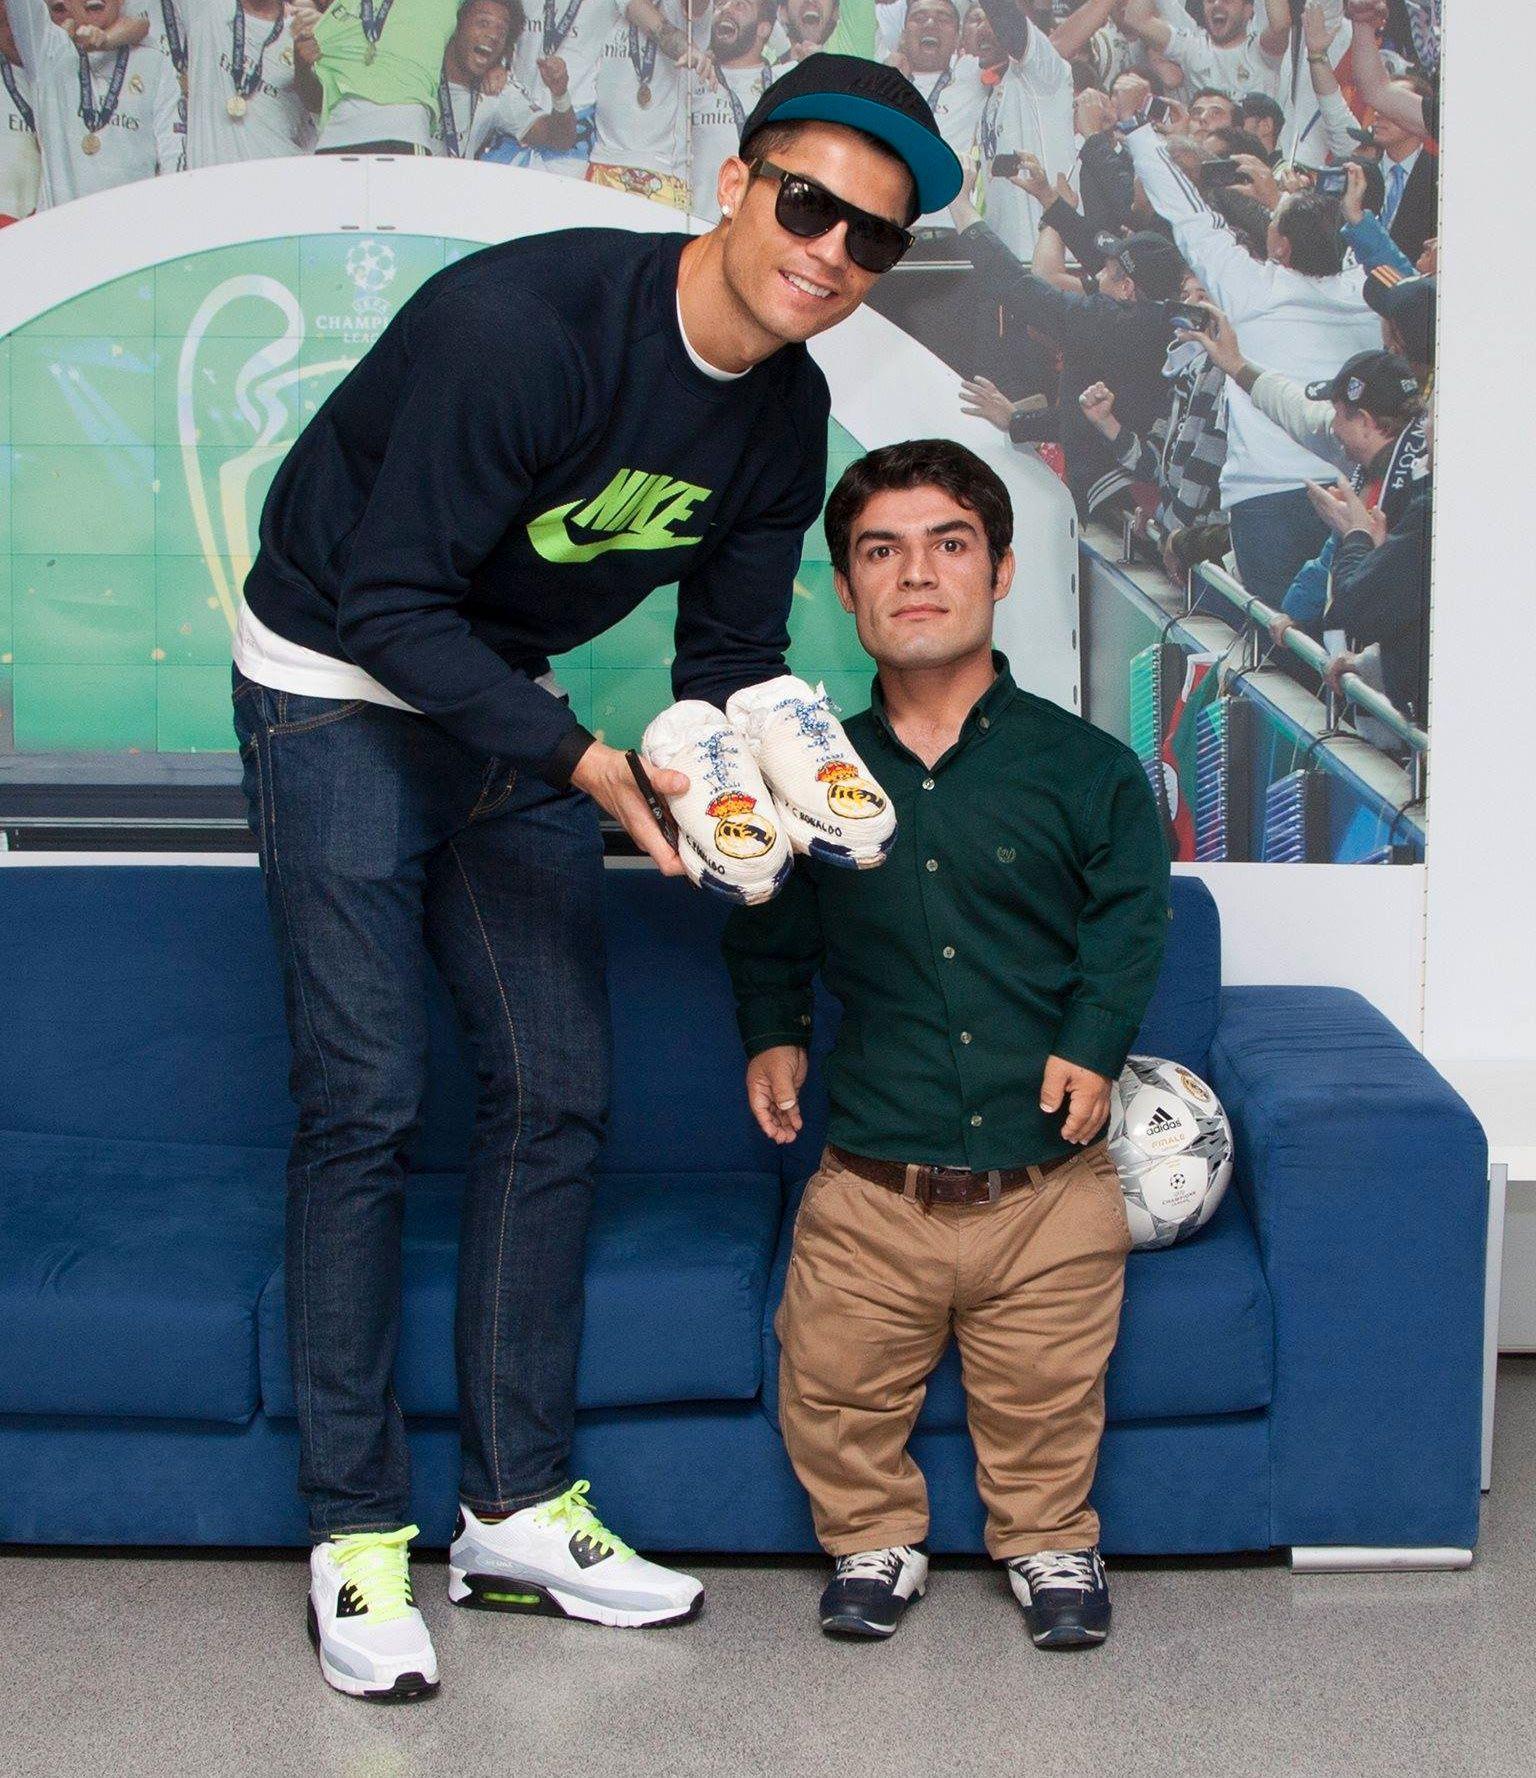 NÅ OGSÅ OSCAR-NOMINERT: Her får fotball-legenden Ronaldo overlevert sine spesialsydde sko av hovedrolleinnehaver i «El Clásico», Wrya Ahmed. Nå har Irak valgt filmen som sitt håp i kampen om å bli nominert til beste utenlandske film under Oscar-utdelingen til vinteren.